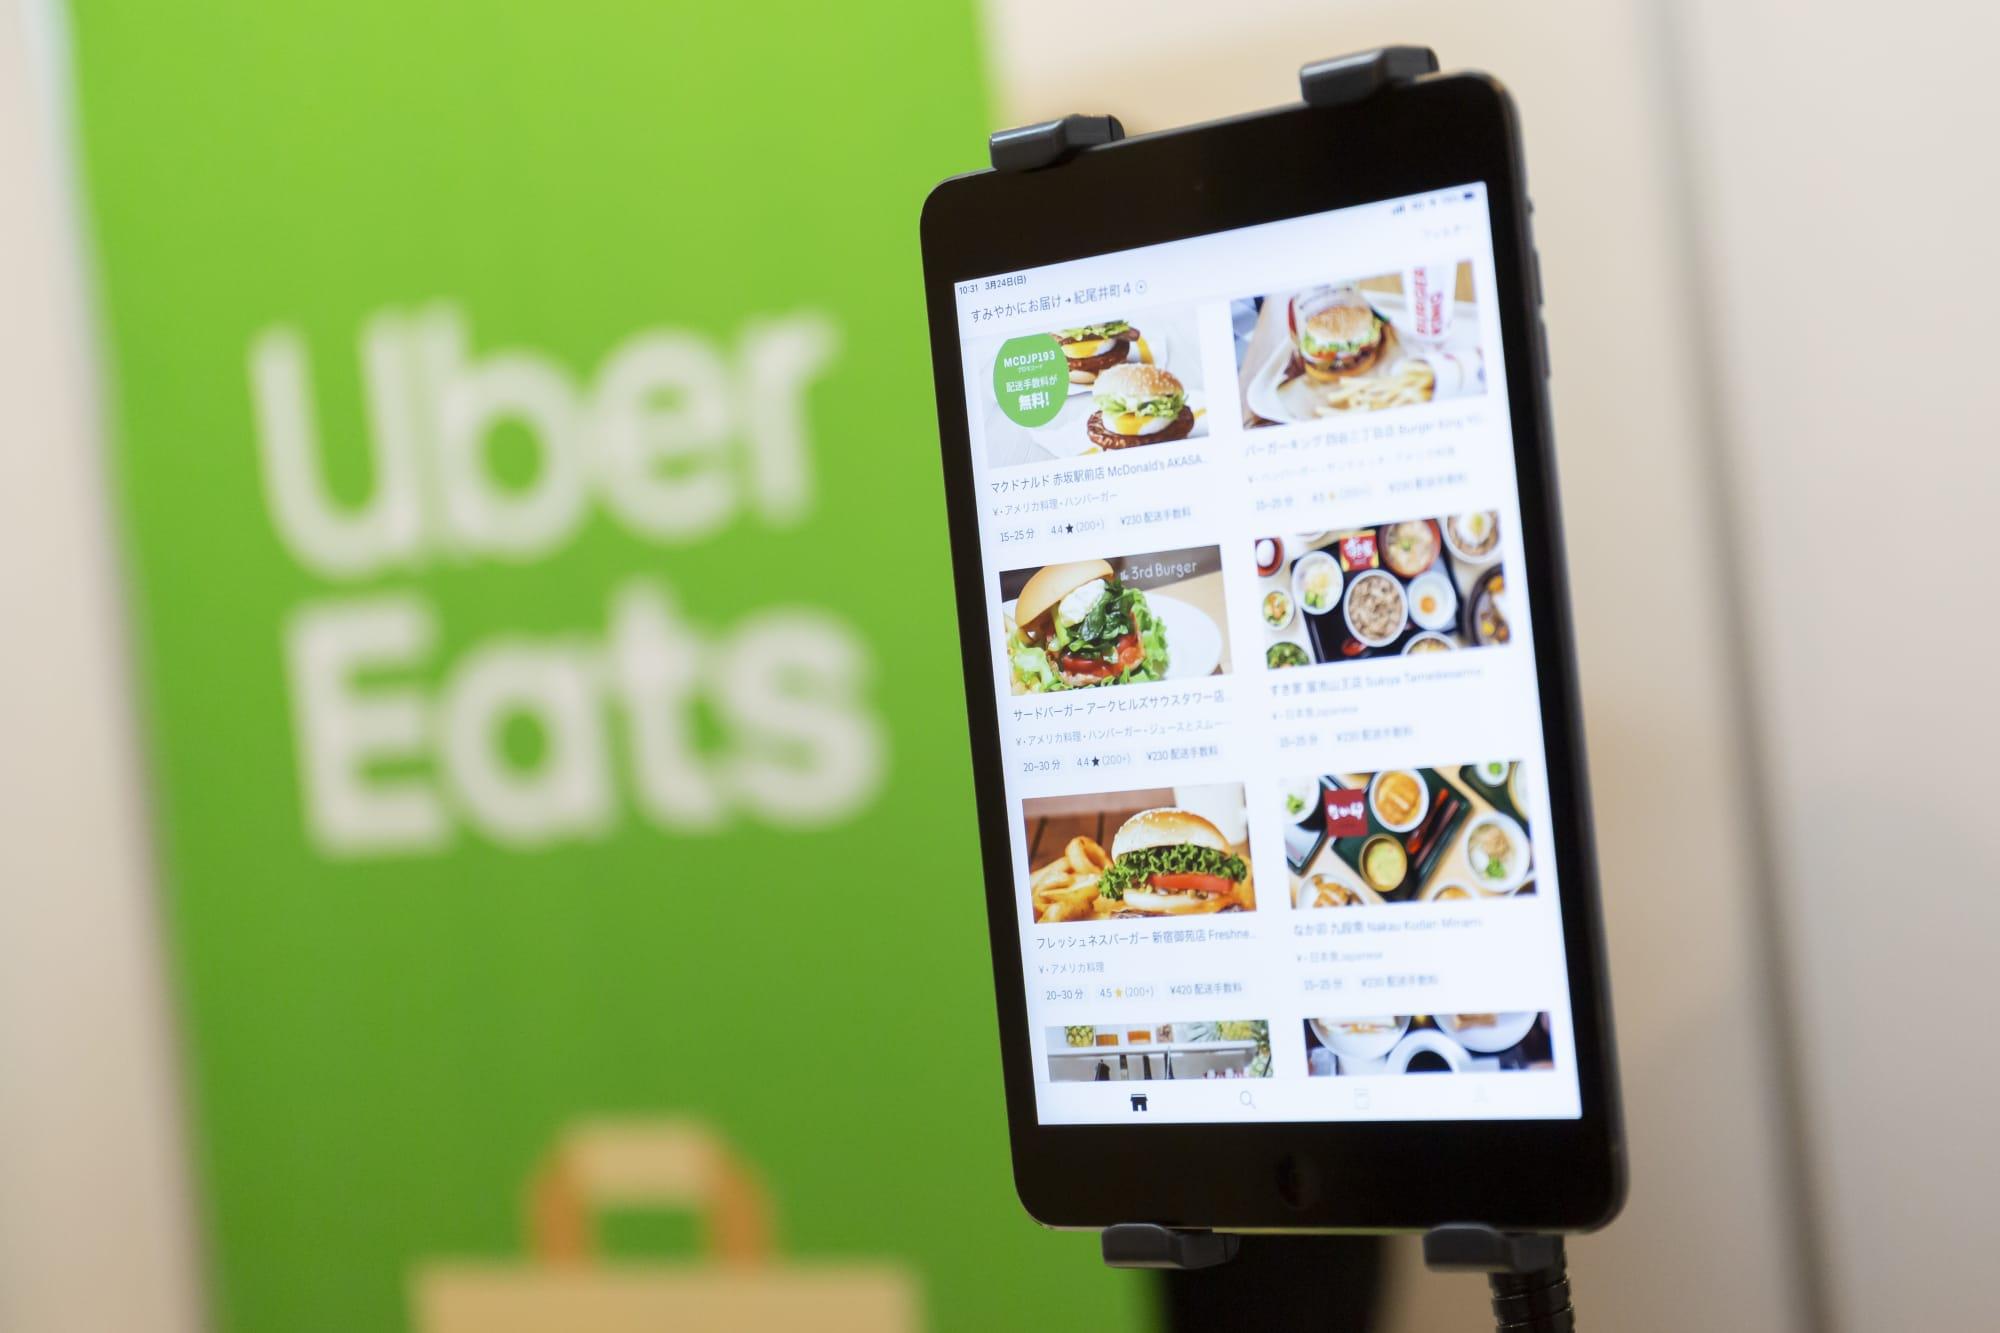 Resultado de imagem para uber eats